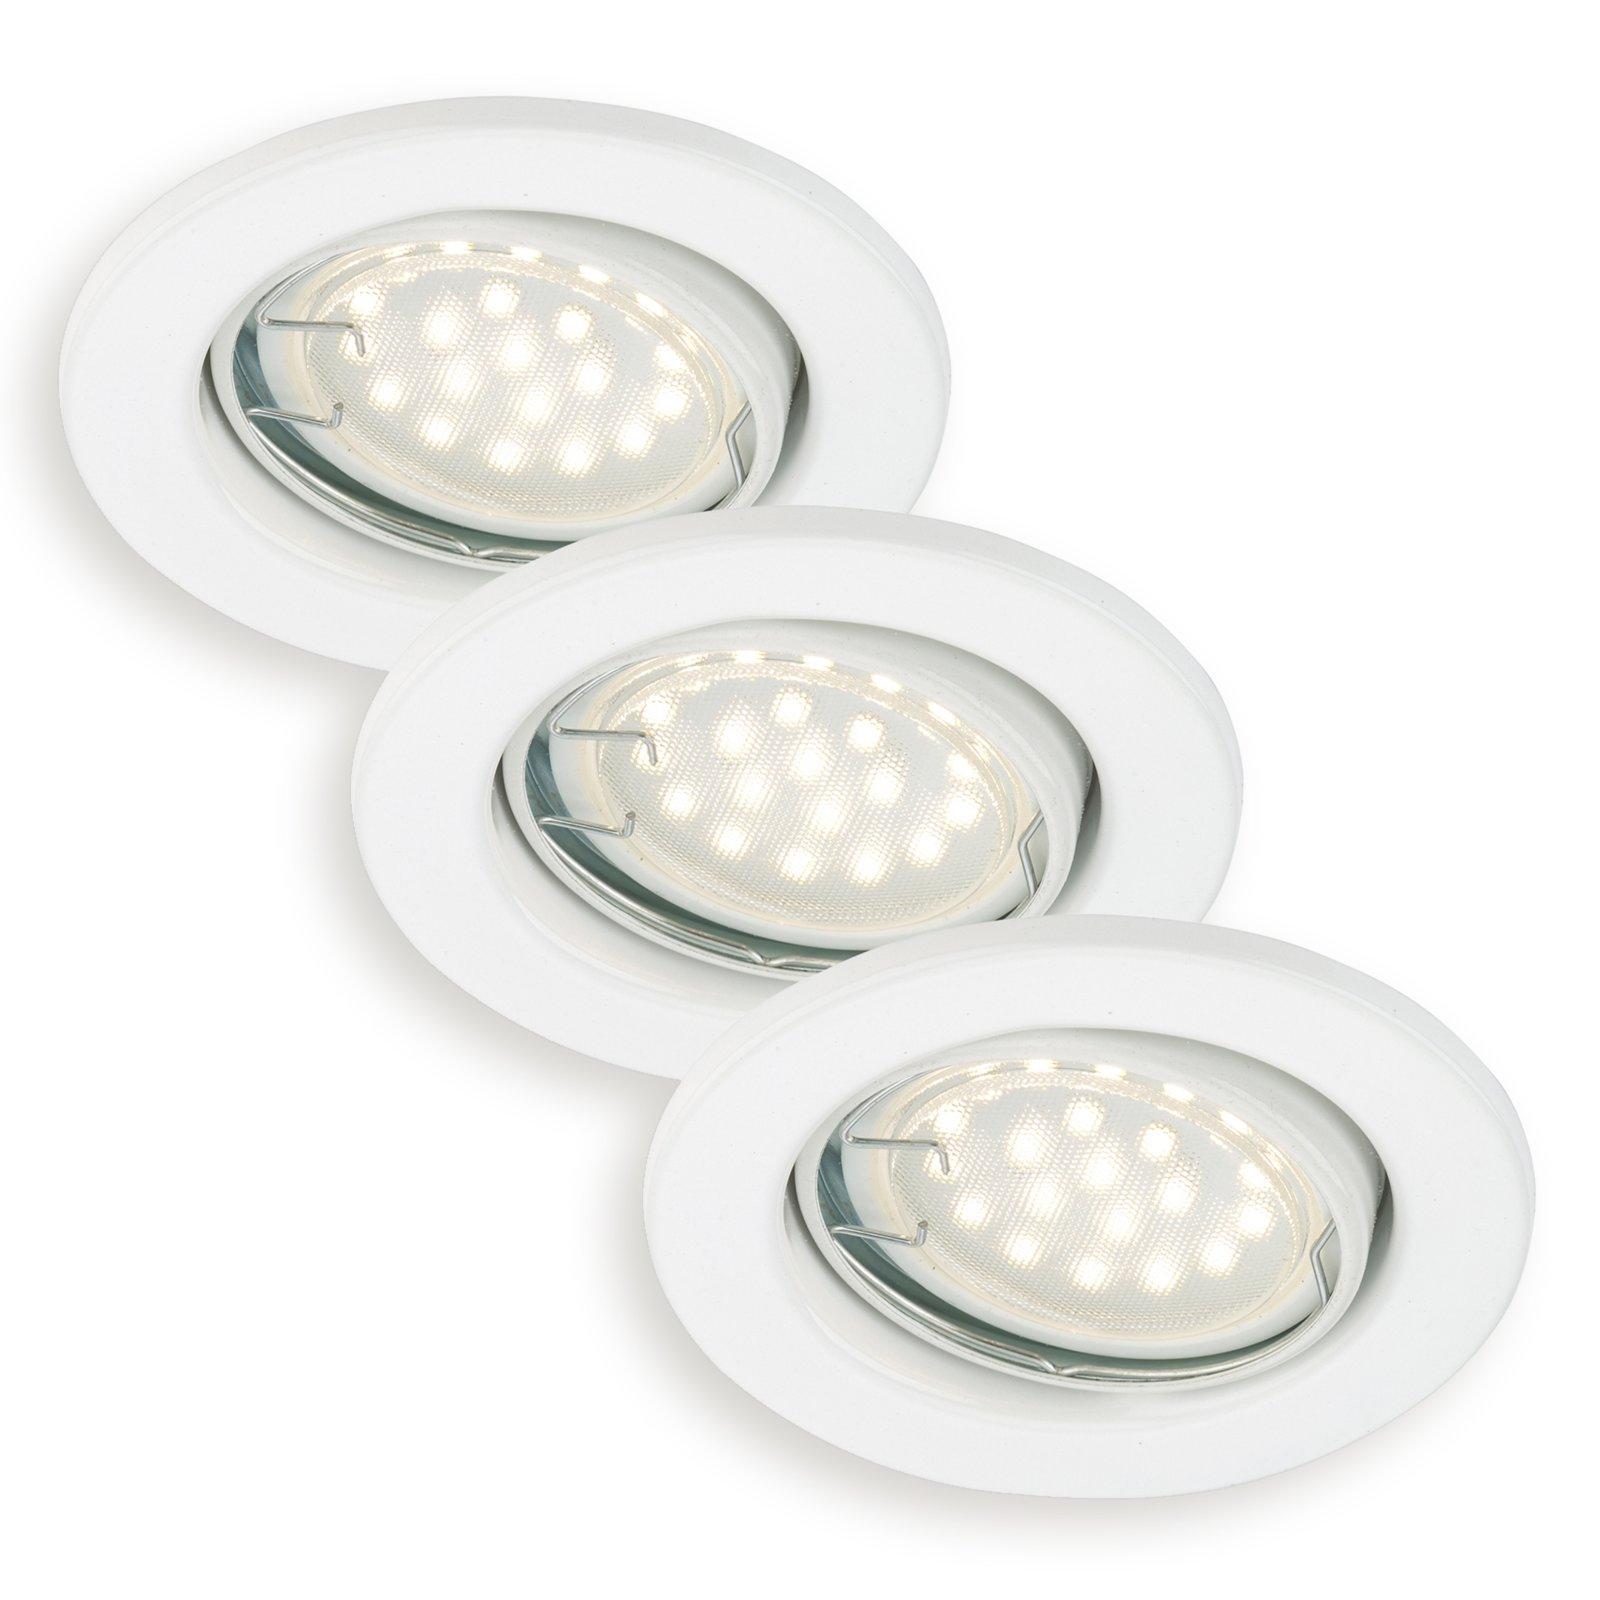 3er set led einbauspots wei schwenkbar einbauspots deckenleuchten lampen roller. Black Bedroom Furniture Sets. Home Design Ideas